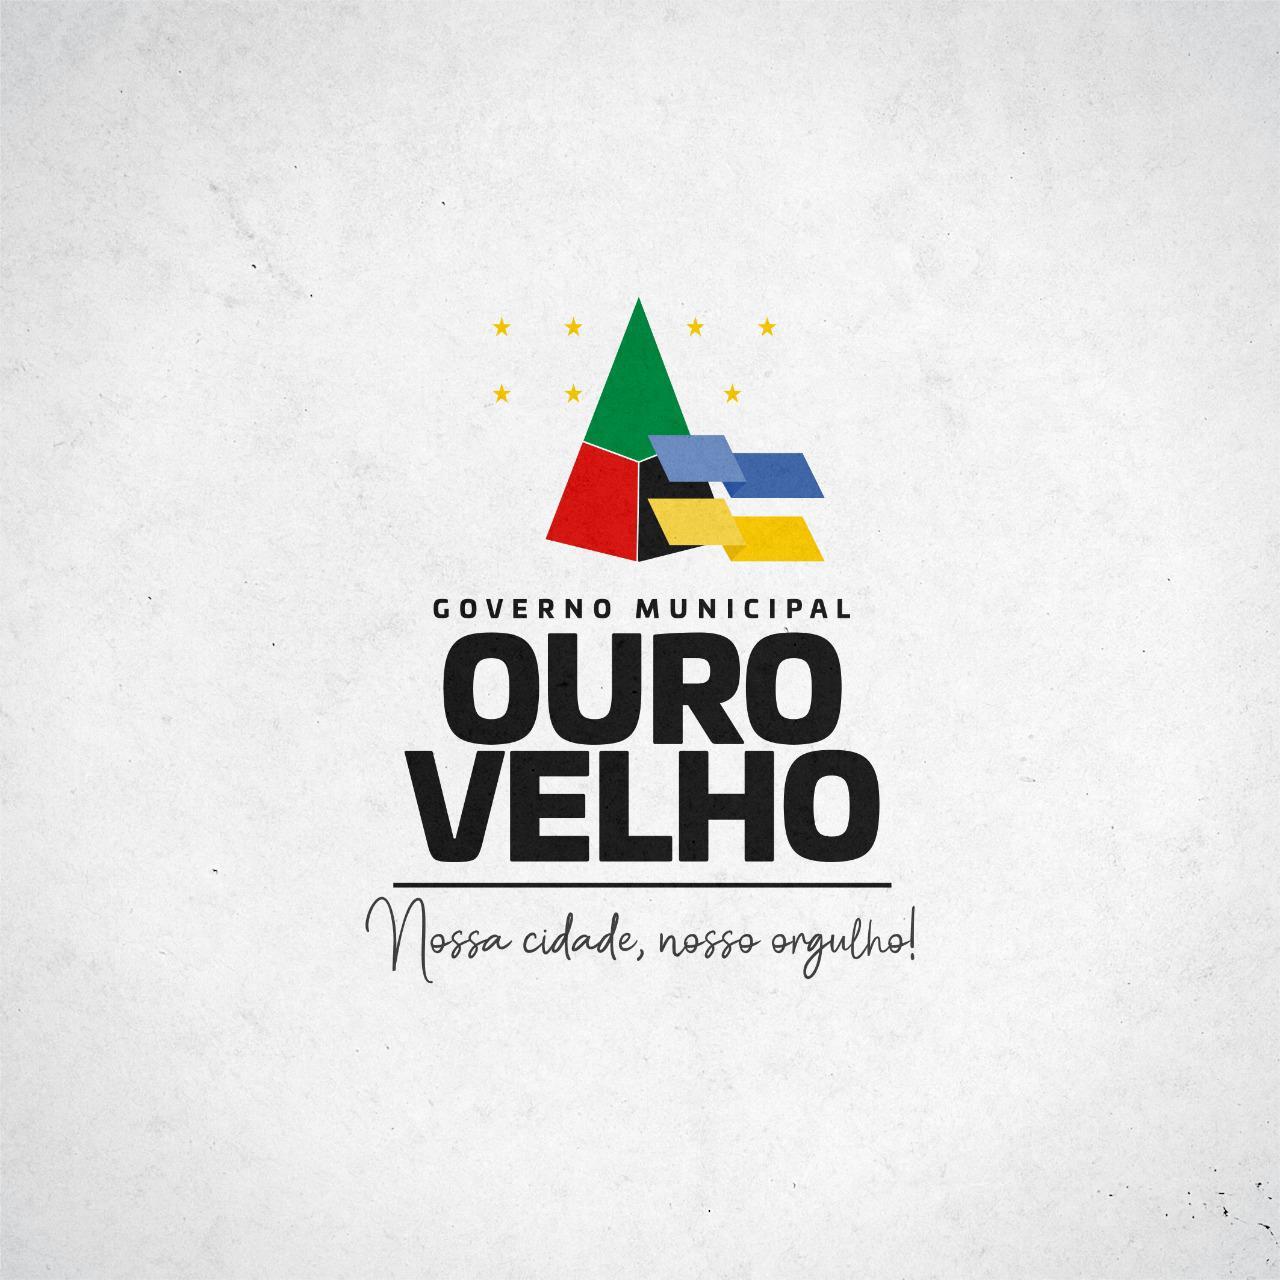 PREFEITURA DE OURO VELHO